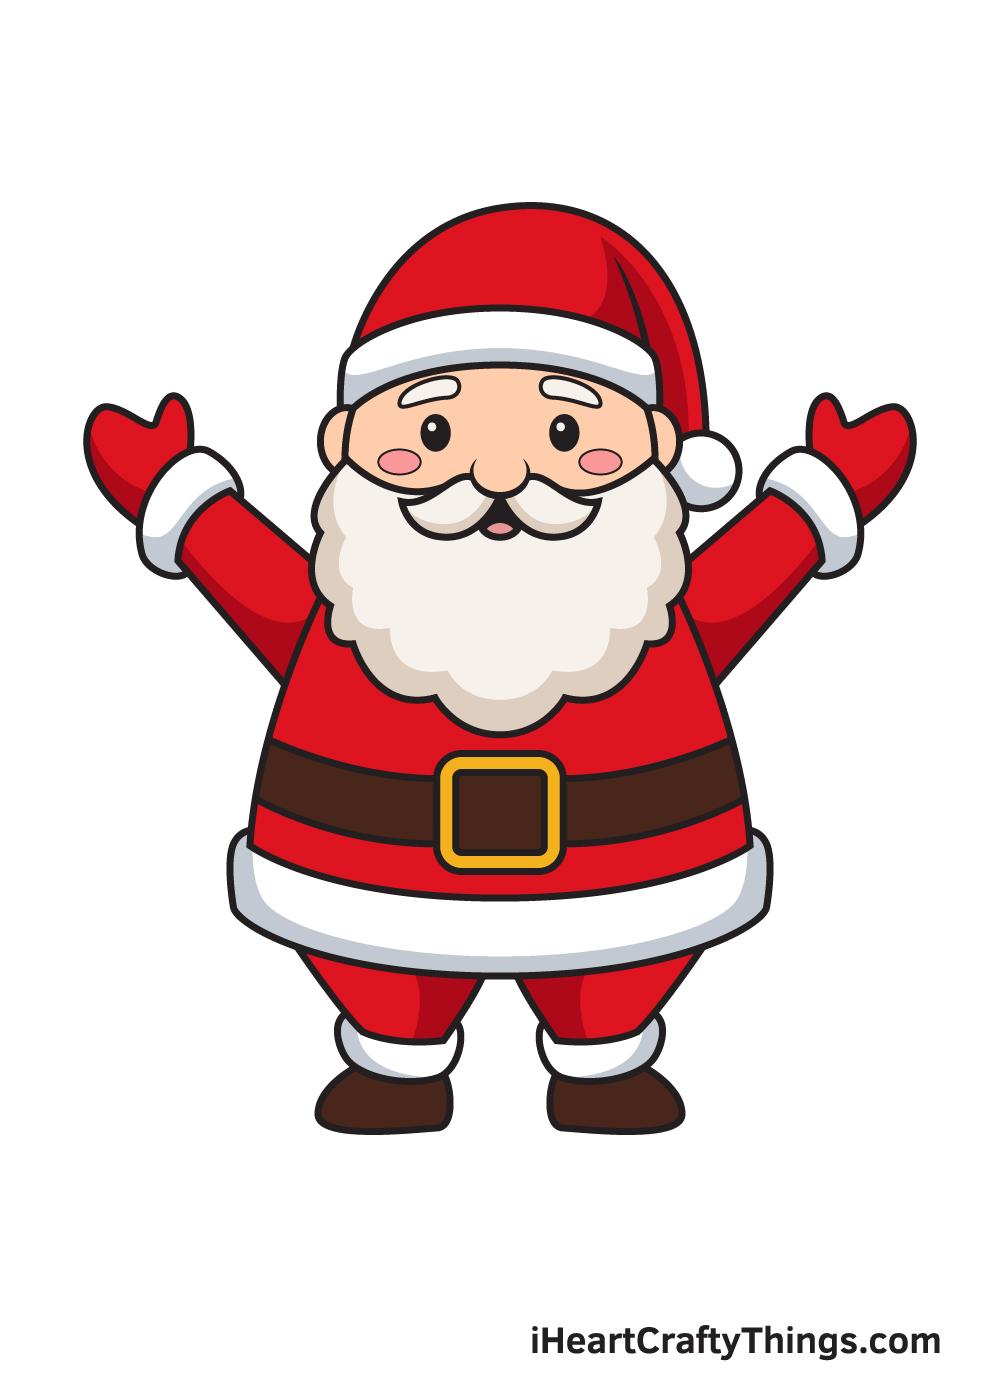 Santa Claus Drawing – 9 Steps